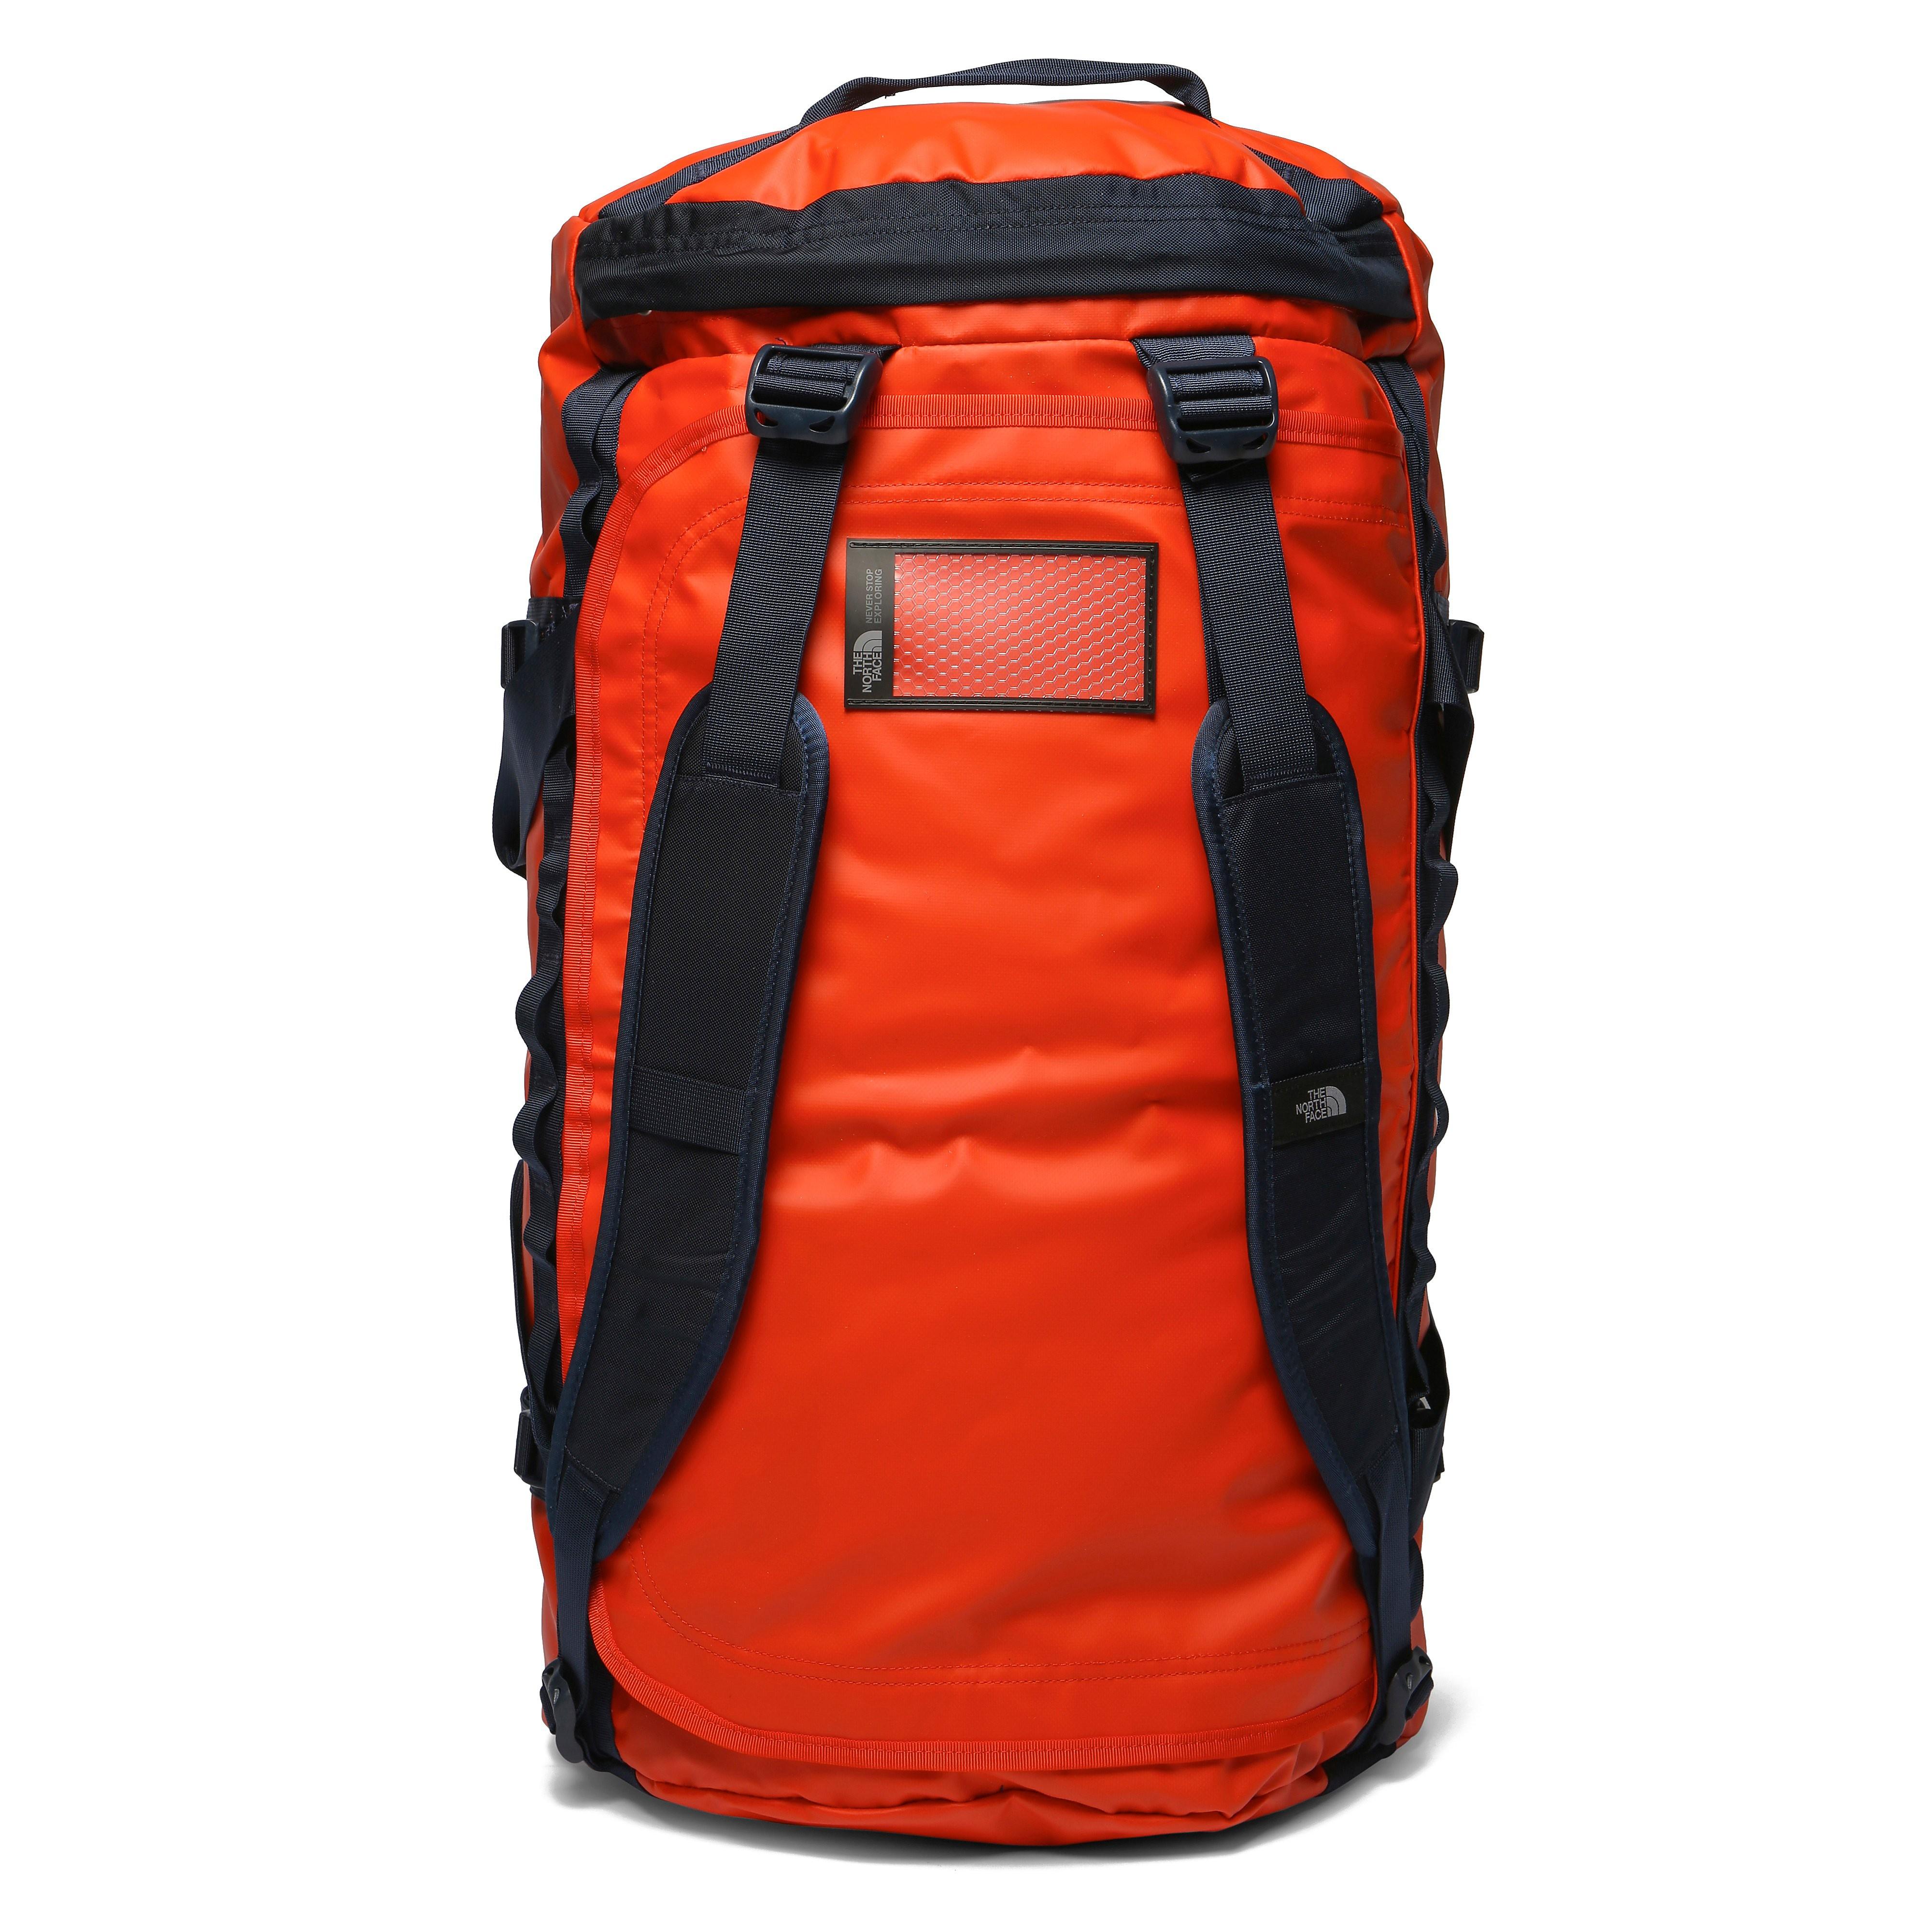 The North Face Basecamp 95L L Duffel Bag